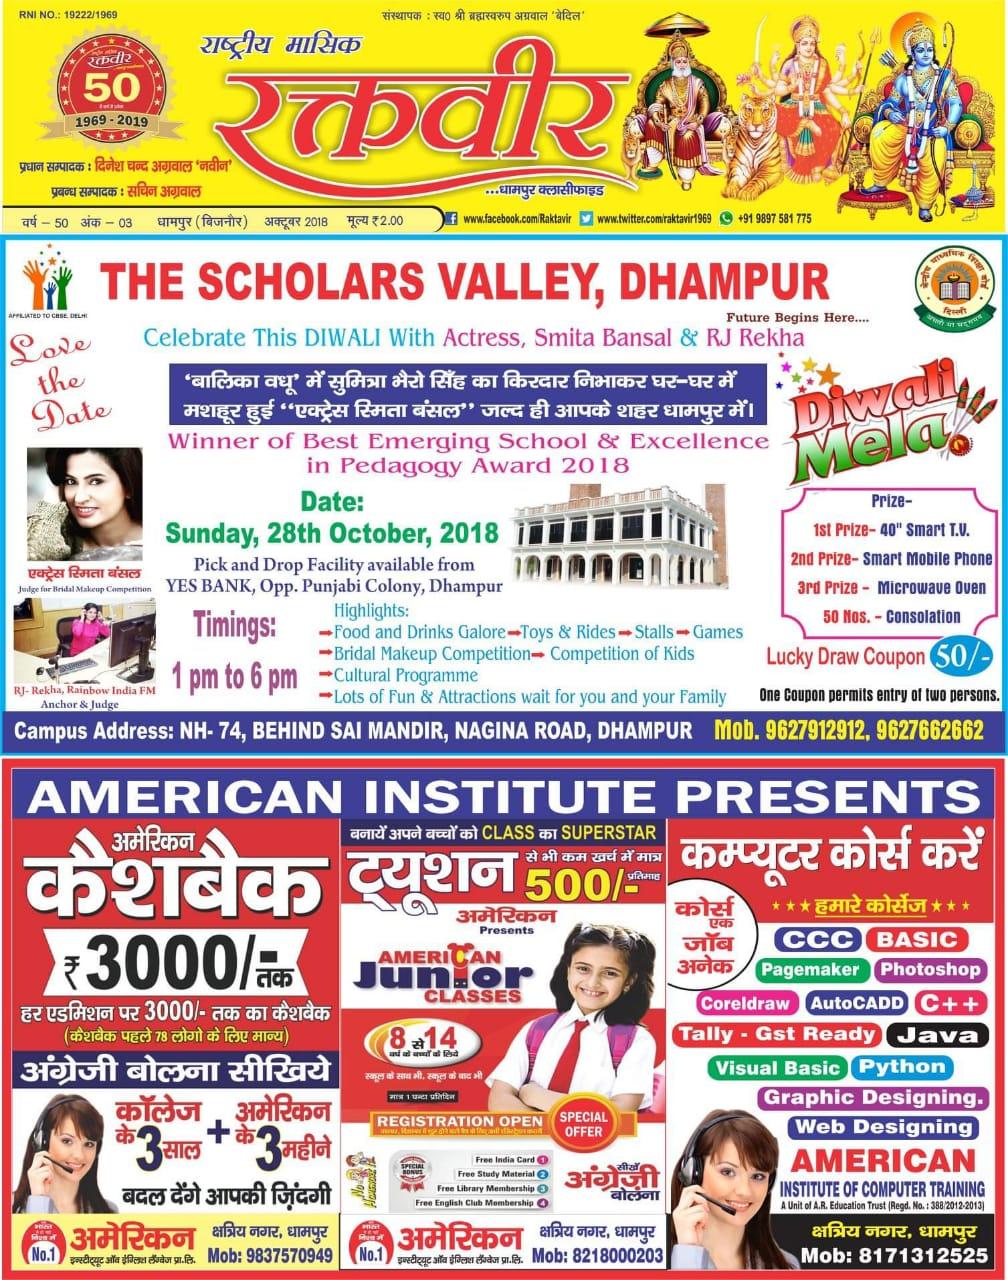 The Scholars Valley - School Image